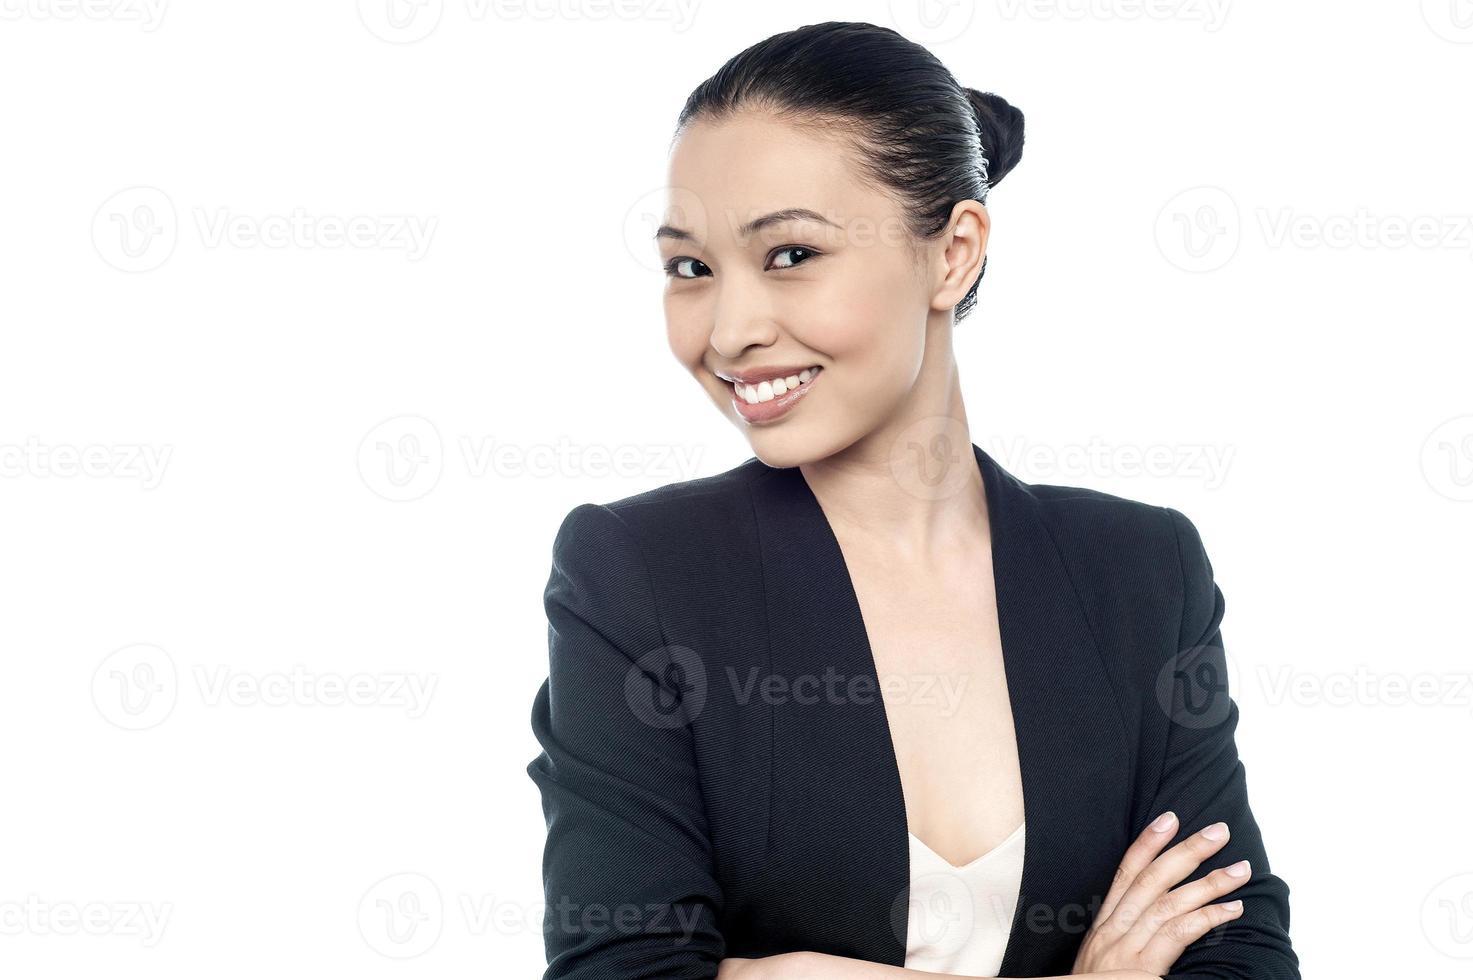 le företags kvinna, isolerad på vitt foto